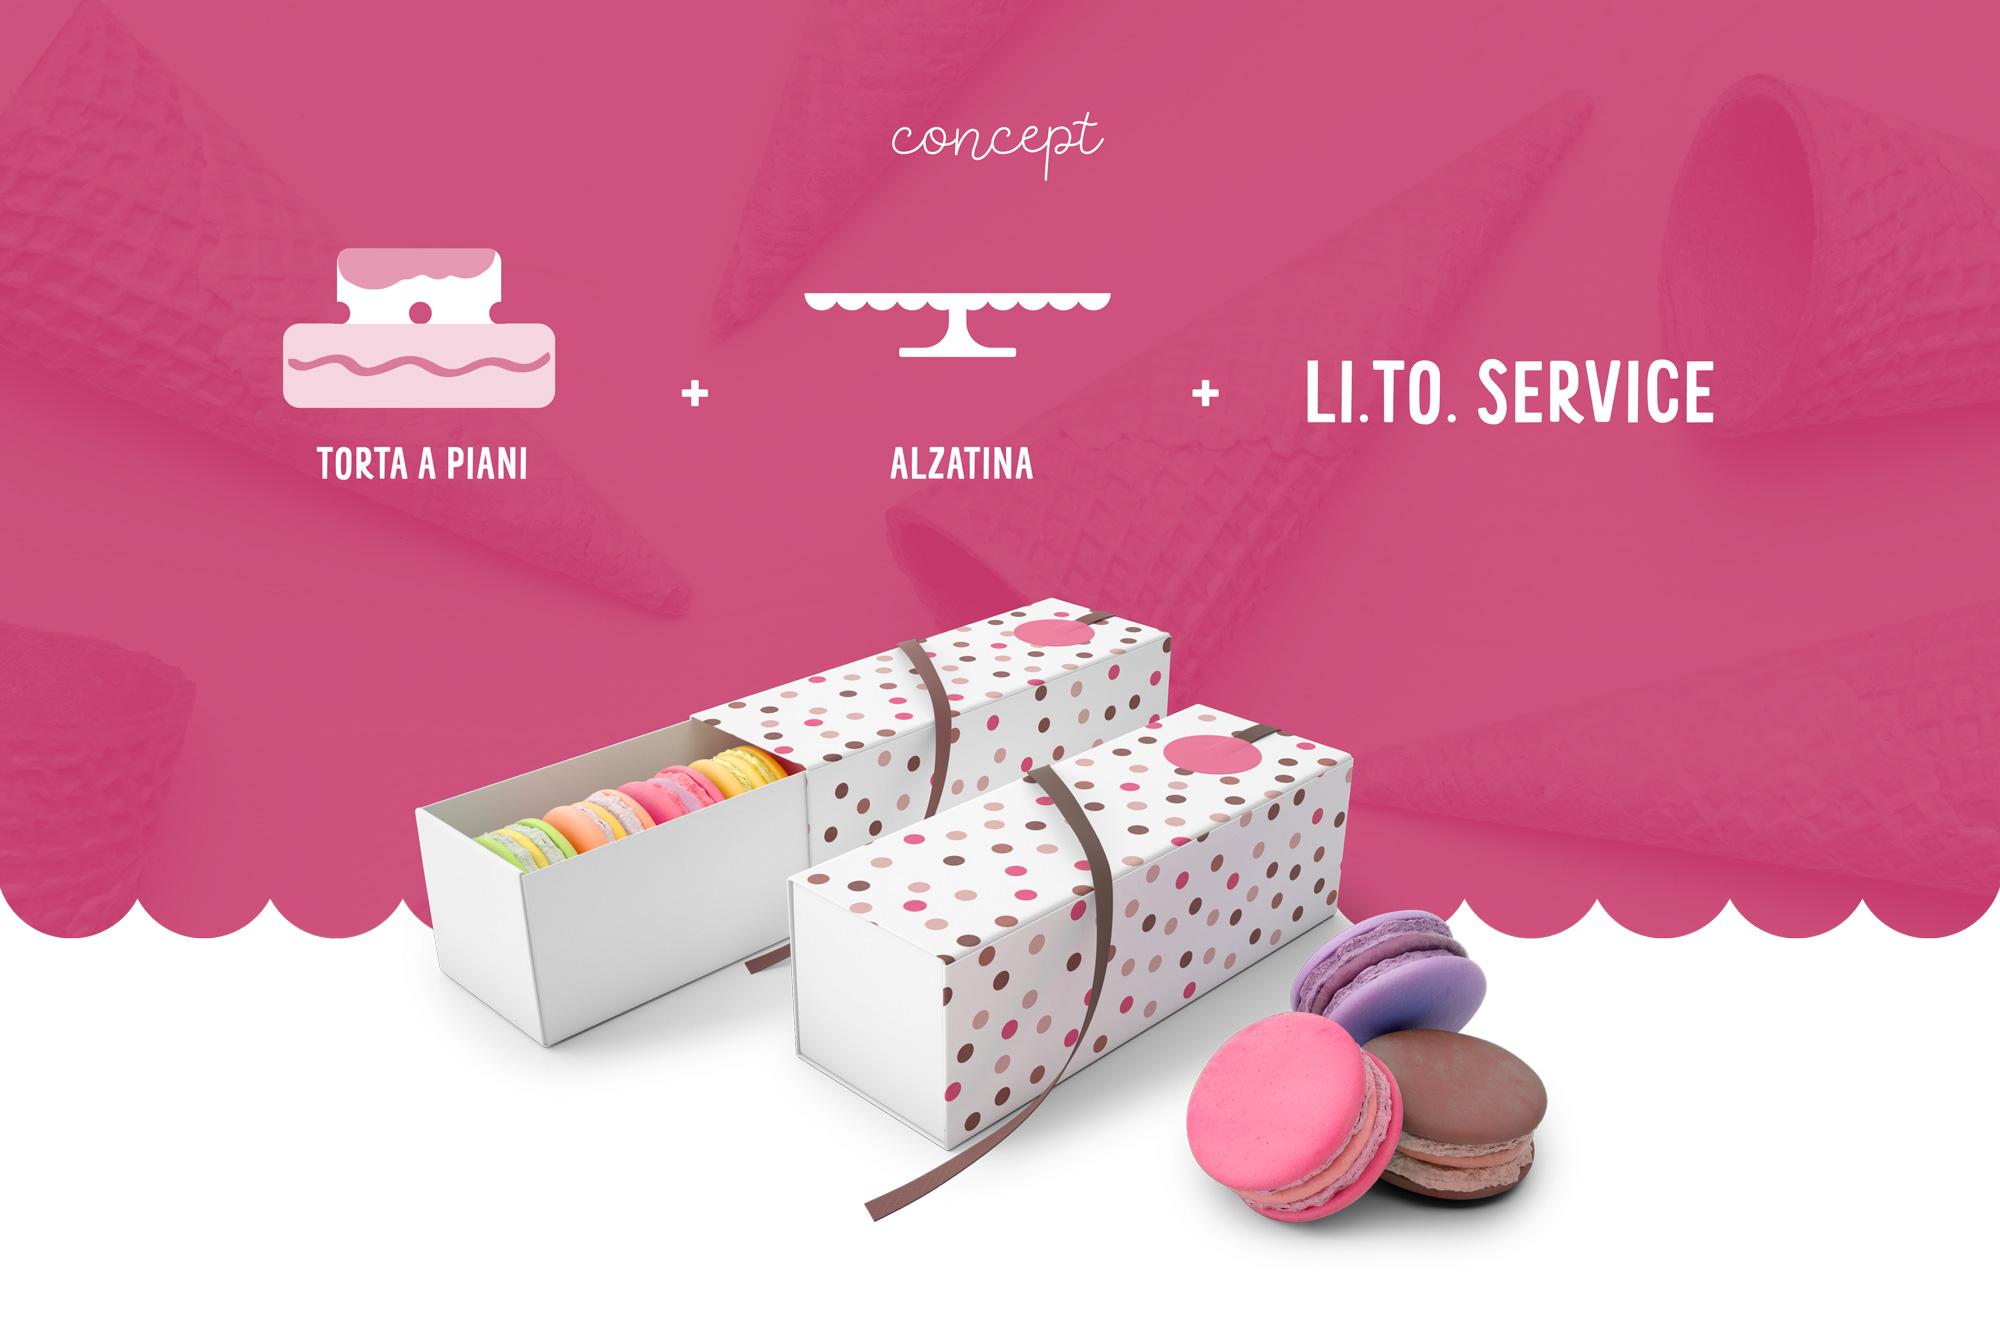 concept logo LITO Service e scatola macaron